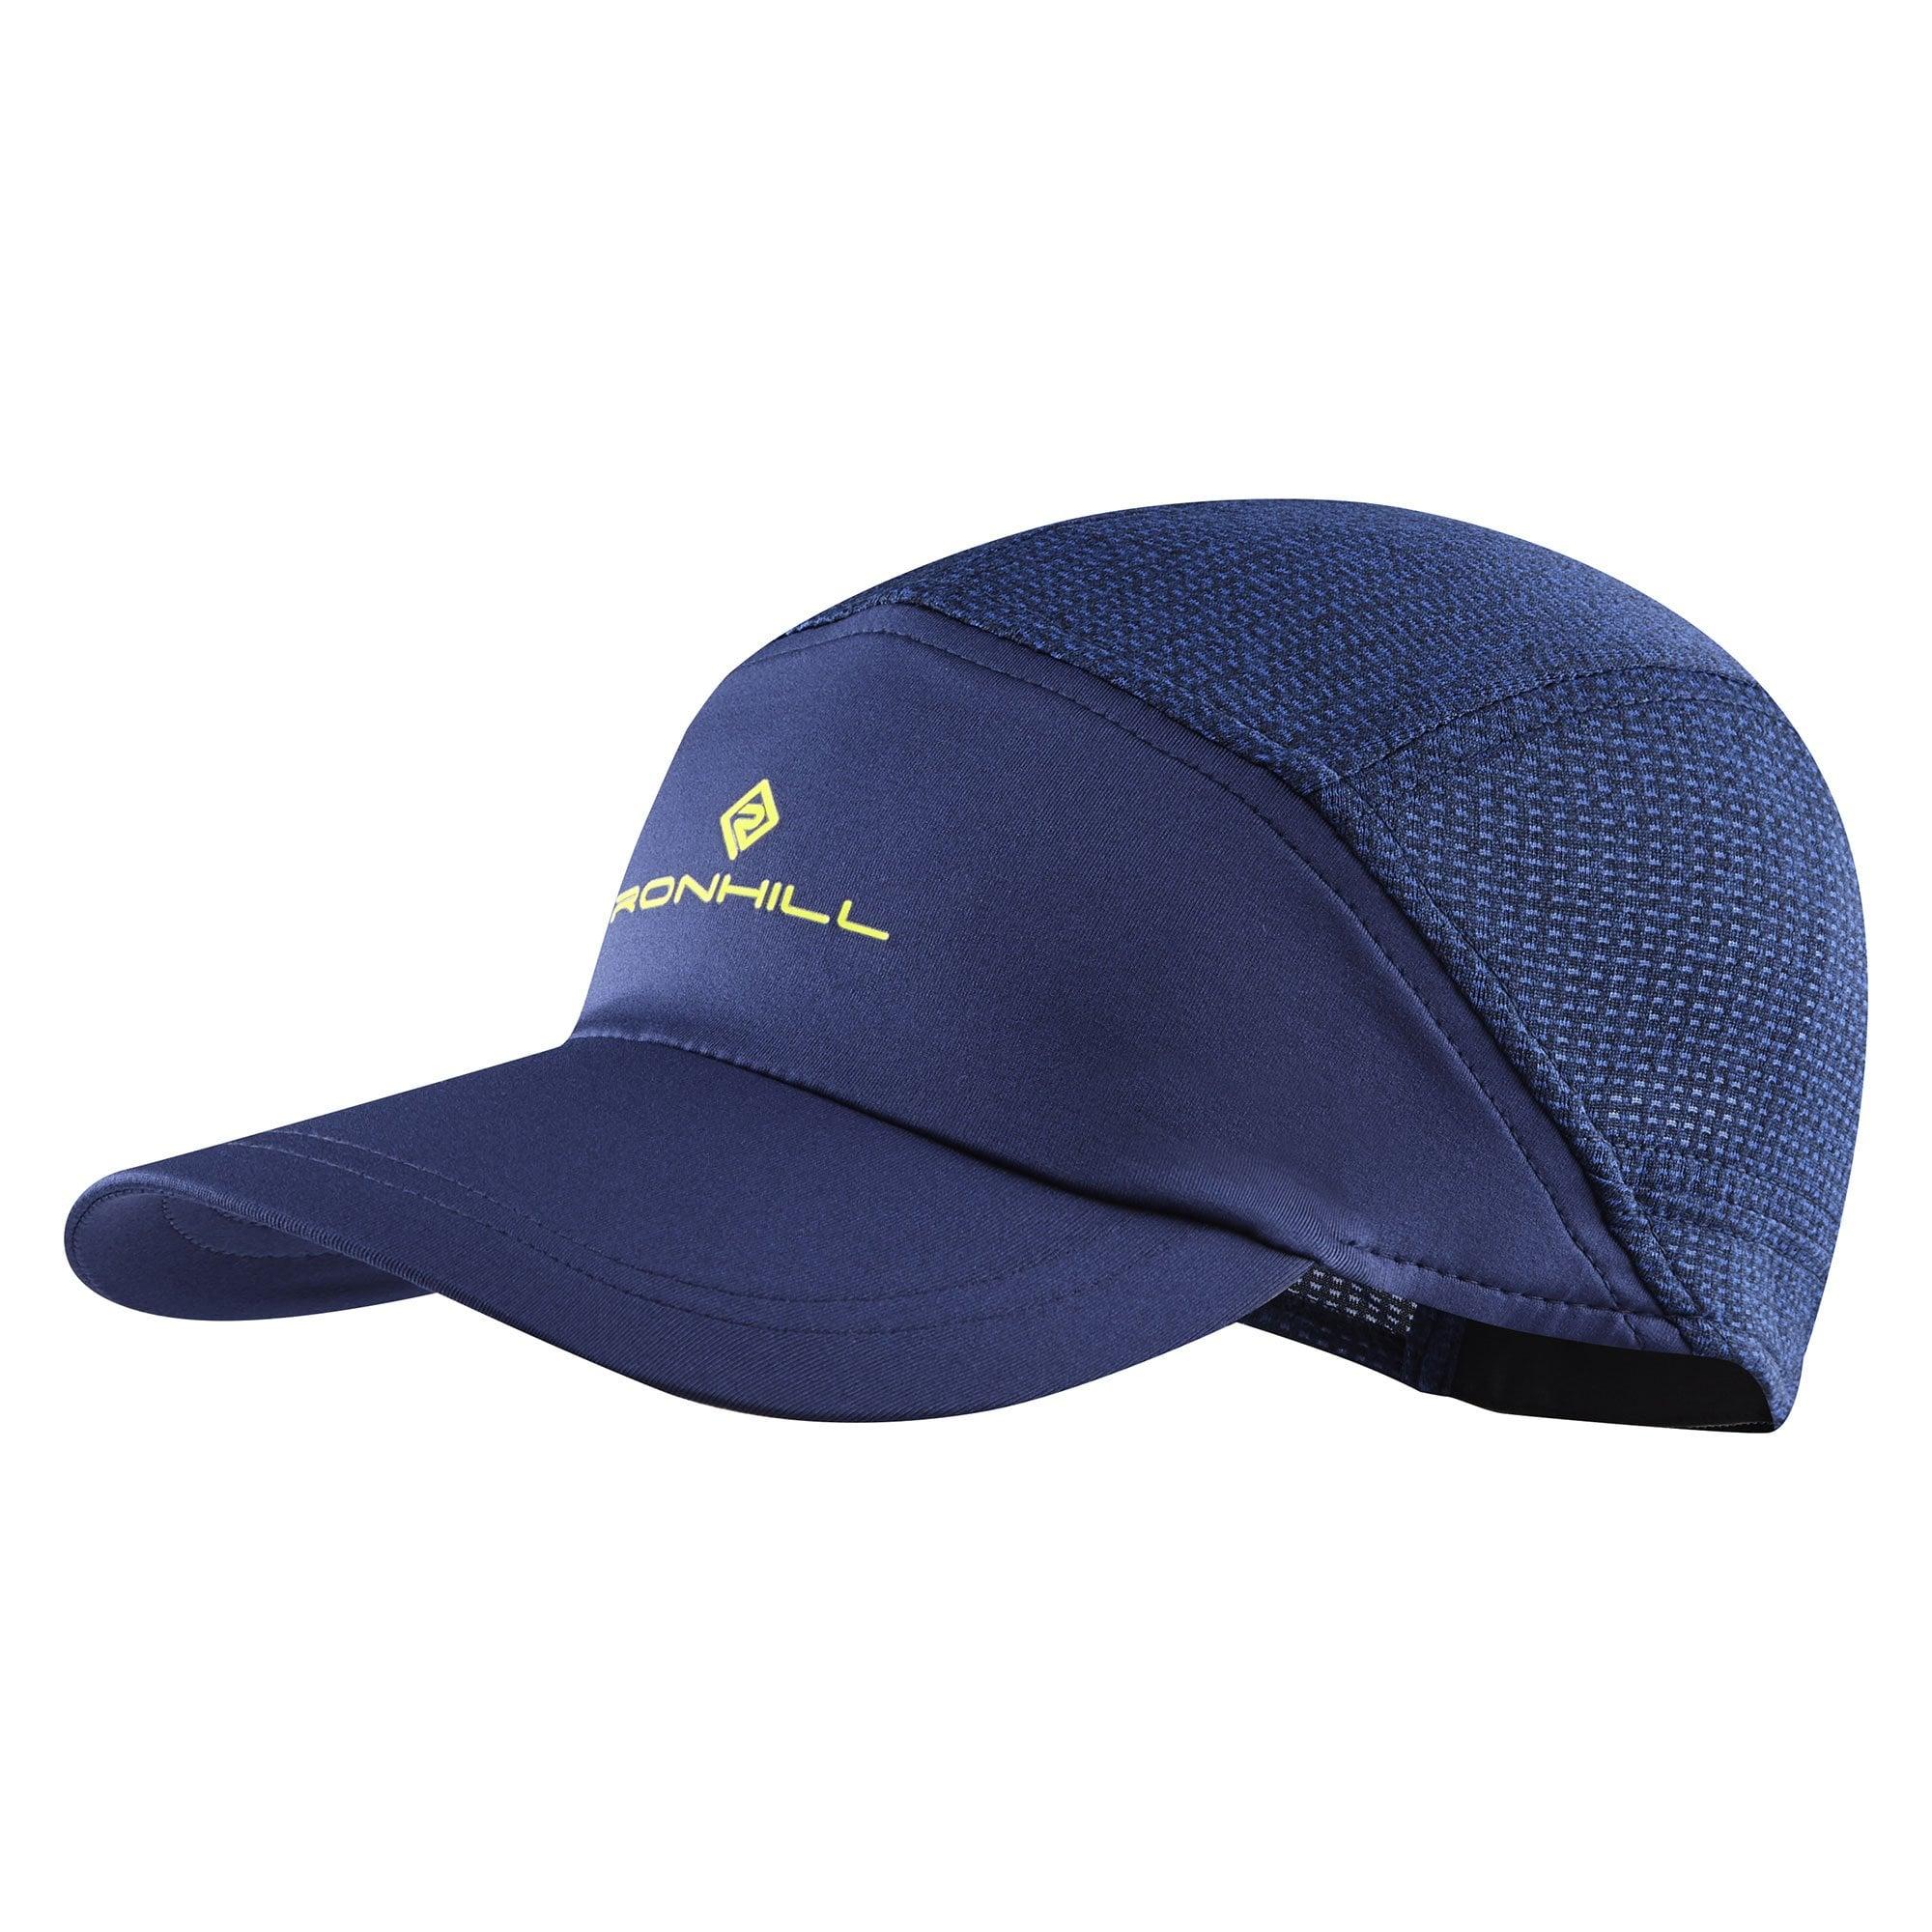 Ronhill Unisex Run Cap Cap